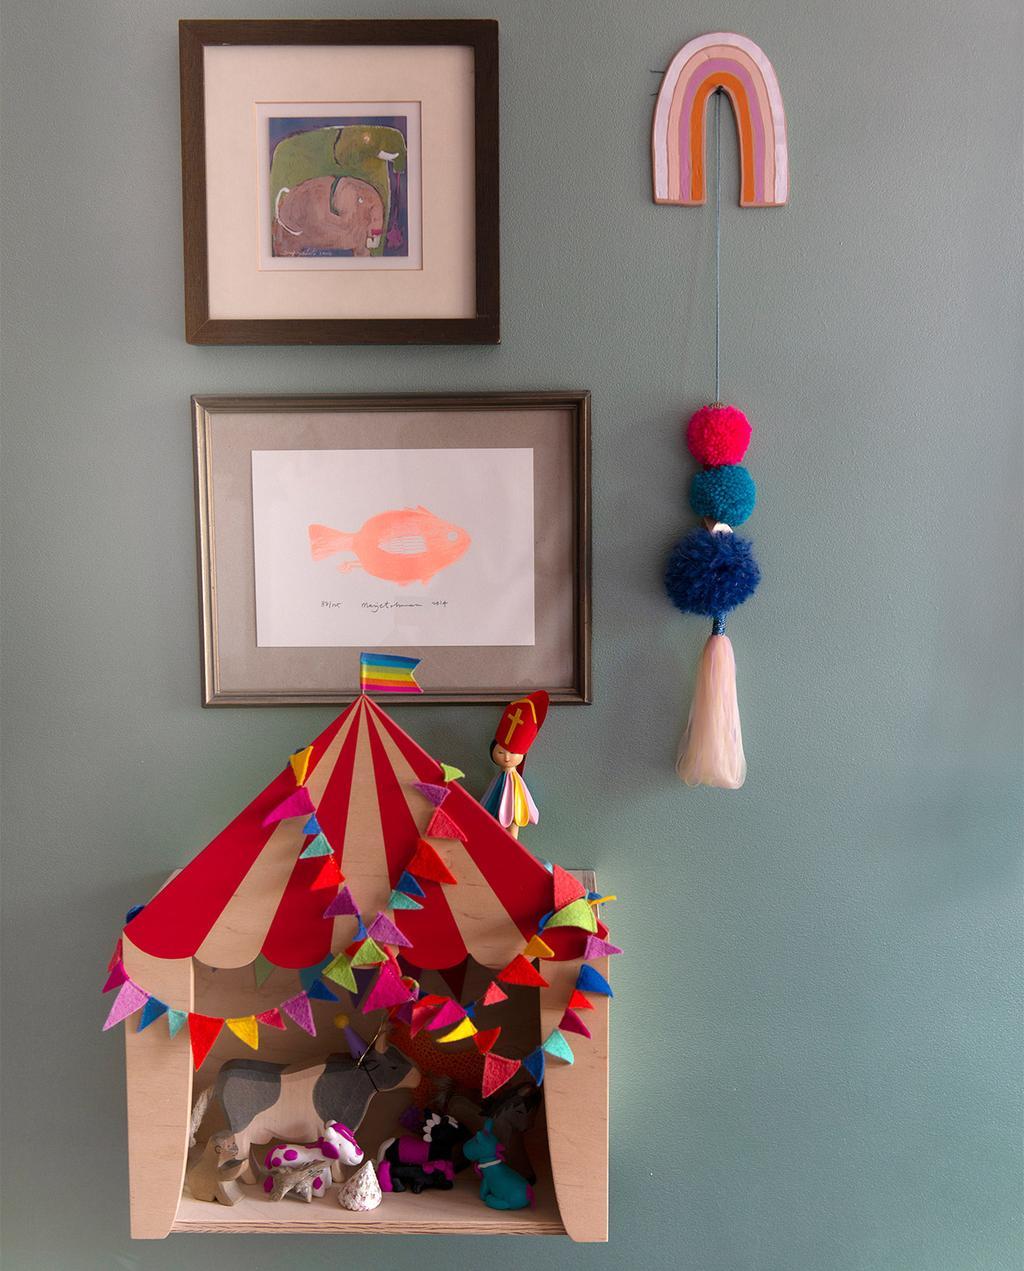 vtwonen 07-2021   speelgoed huis hangend aan de muur met twee schilderijtjes en een regenboog hanger